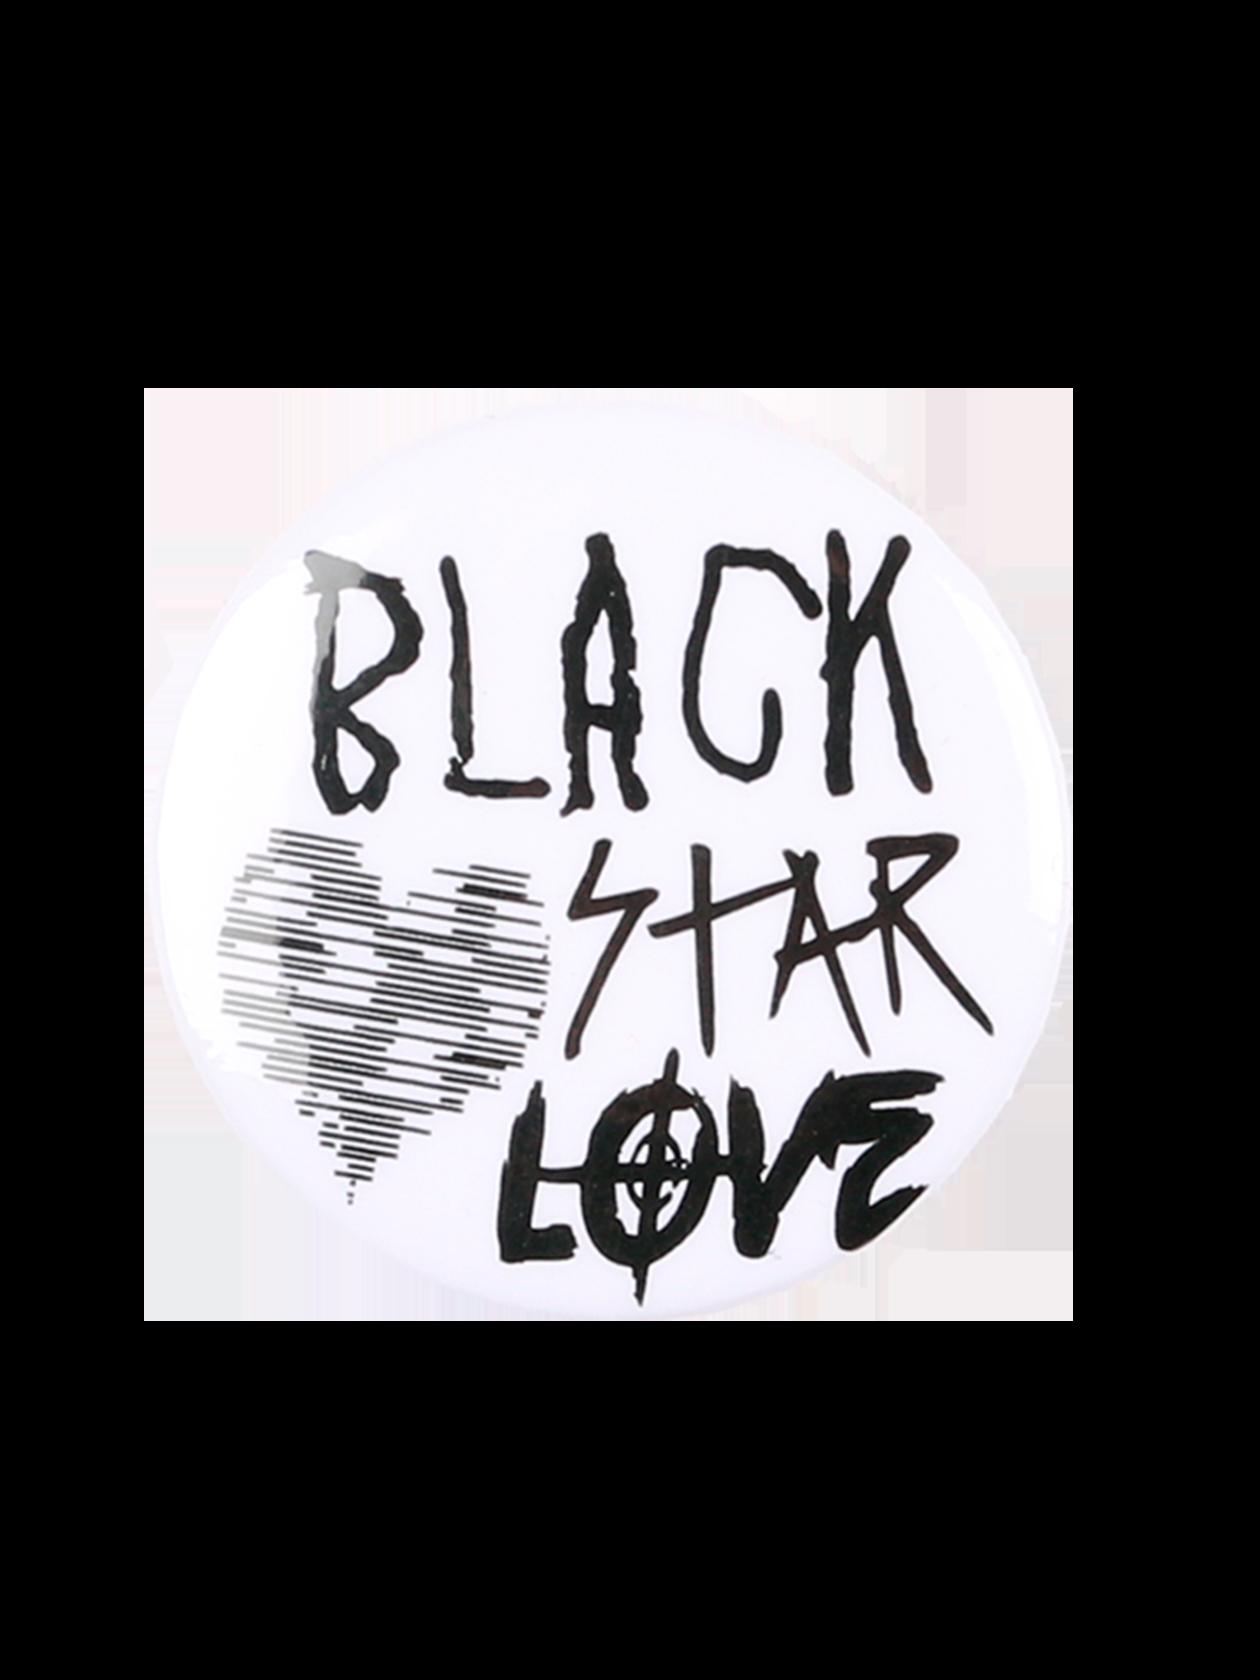 Badge AMOURСтильный значок Amour с контрастной надписью Black Star Love и заштрихованным сердцем добавит стиля повседневному образу. Аксессуар классической круглой формы изготовлен из практичного материала. Застежка английская булавка надежно крепит изделие на одежде, сумке или рюкзаке. Выберите для себя наиболее привлекательную расцветку украшения – белую, красную или черную.<br><br>size: One size<br>color: White<br>gender: unisex